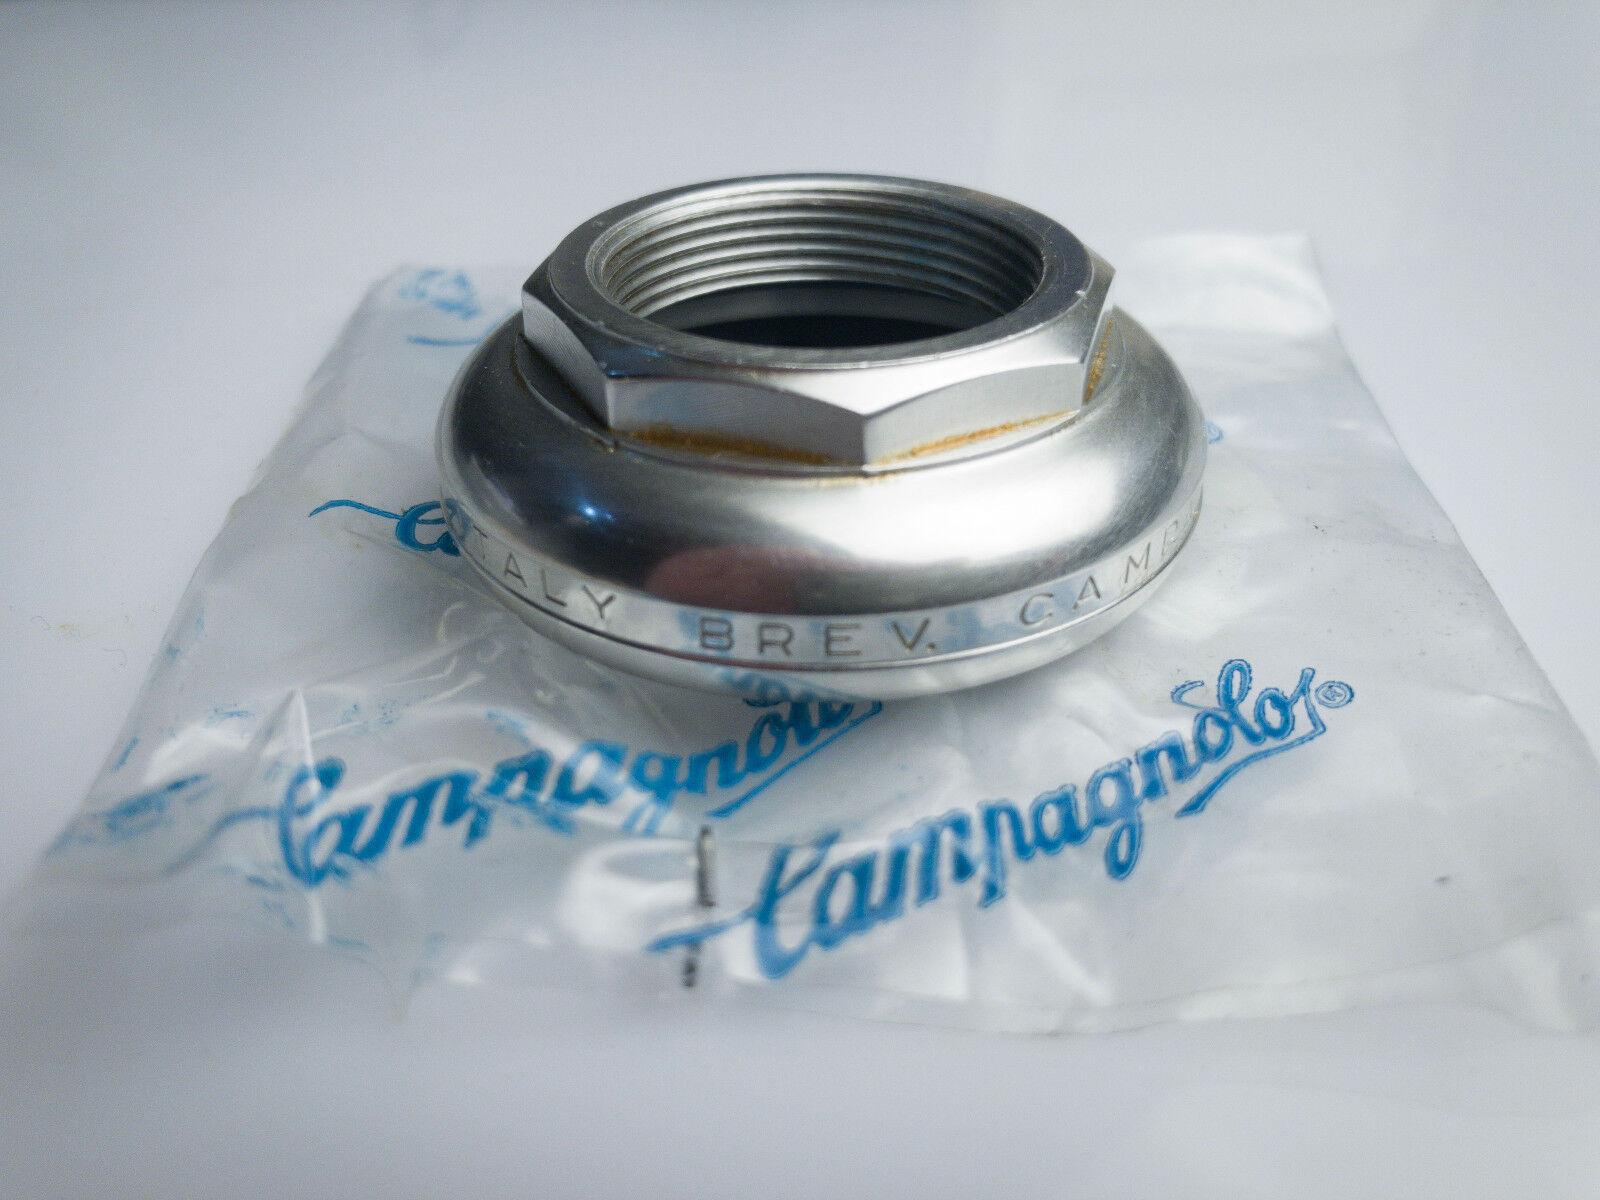 SUPER RECORD CAMPAGNOLO TOP CAP HEADSET BRITISH THREAD NEW NOS 1 x24 tpi sterzo